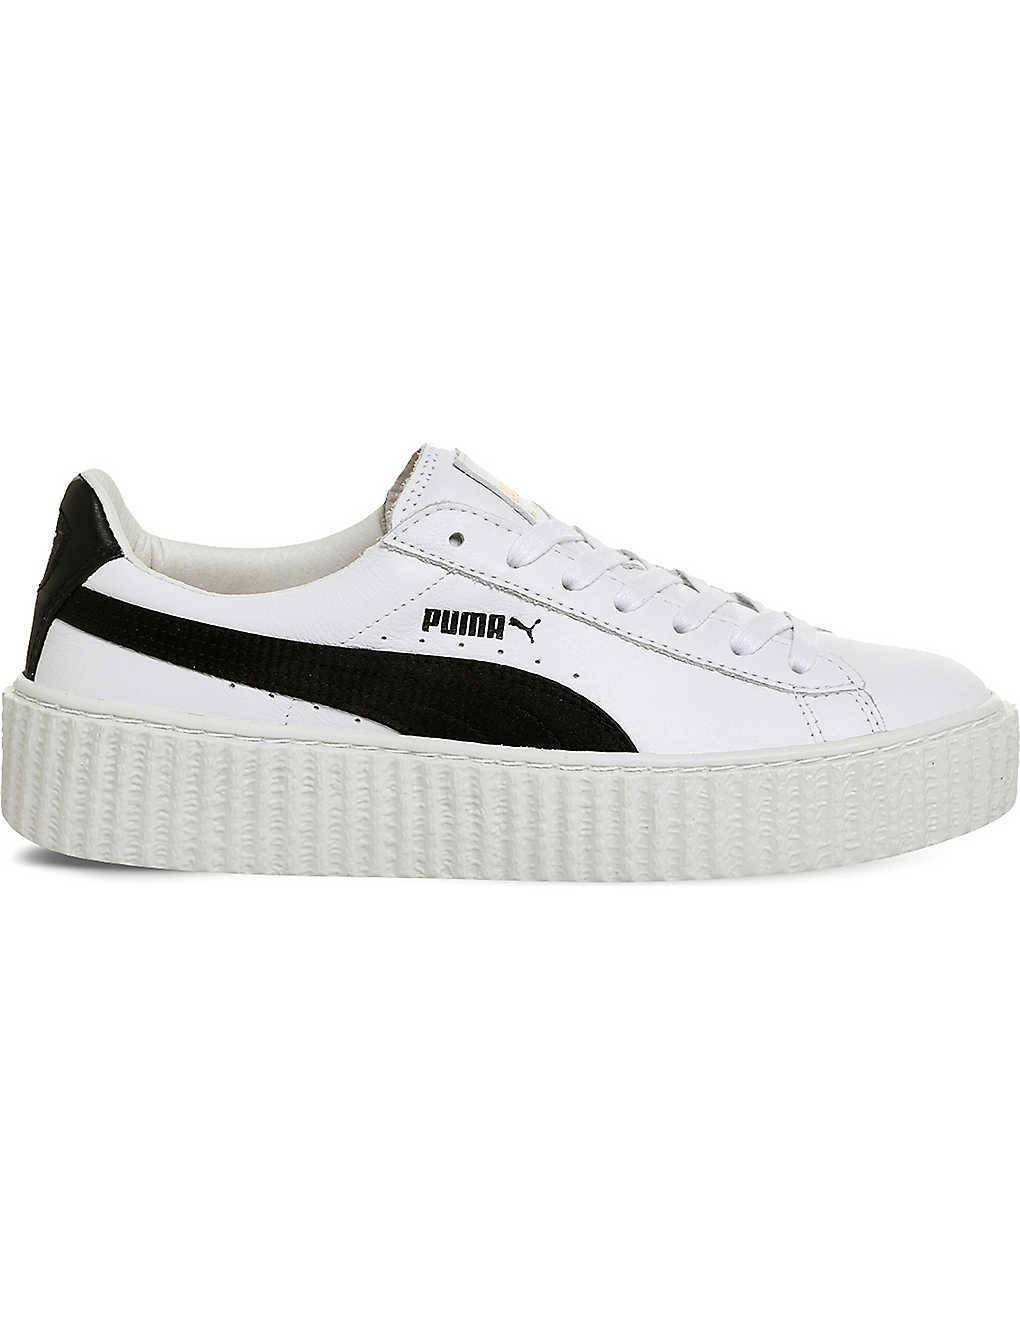 85f3ef8803e770 PUMA - Basket Creeper leather trainers